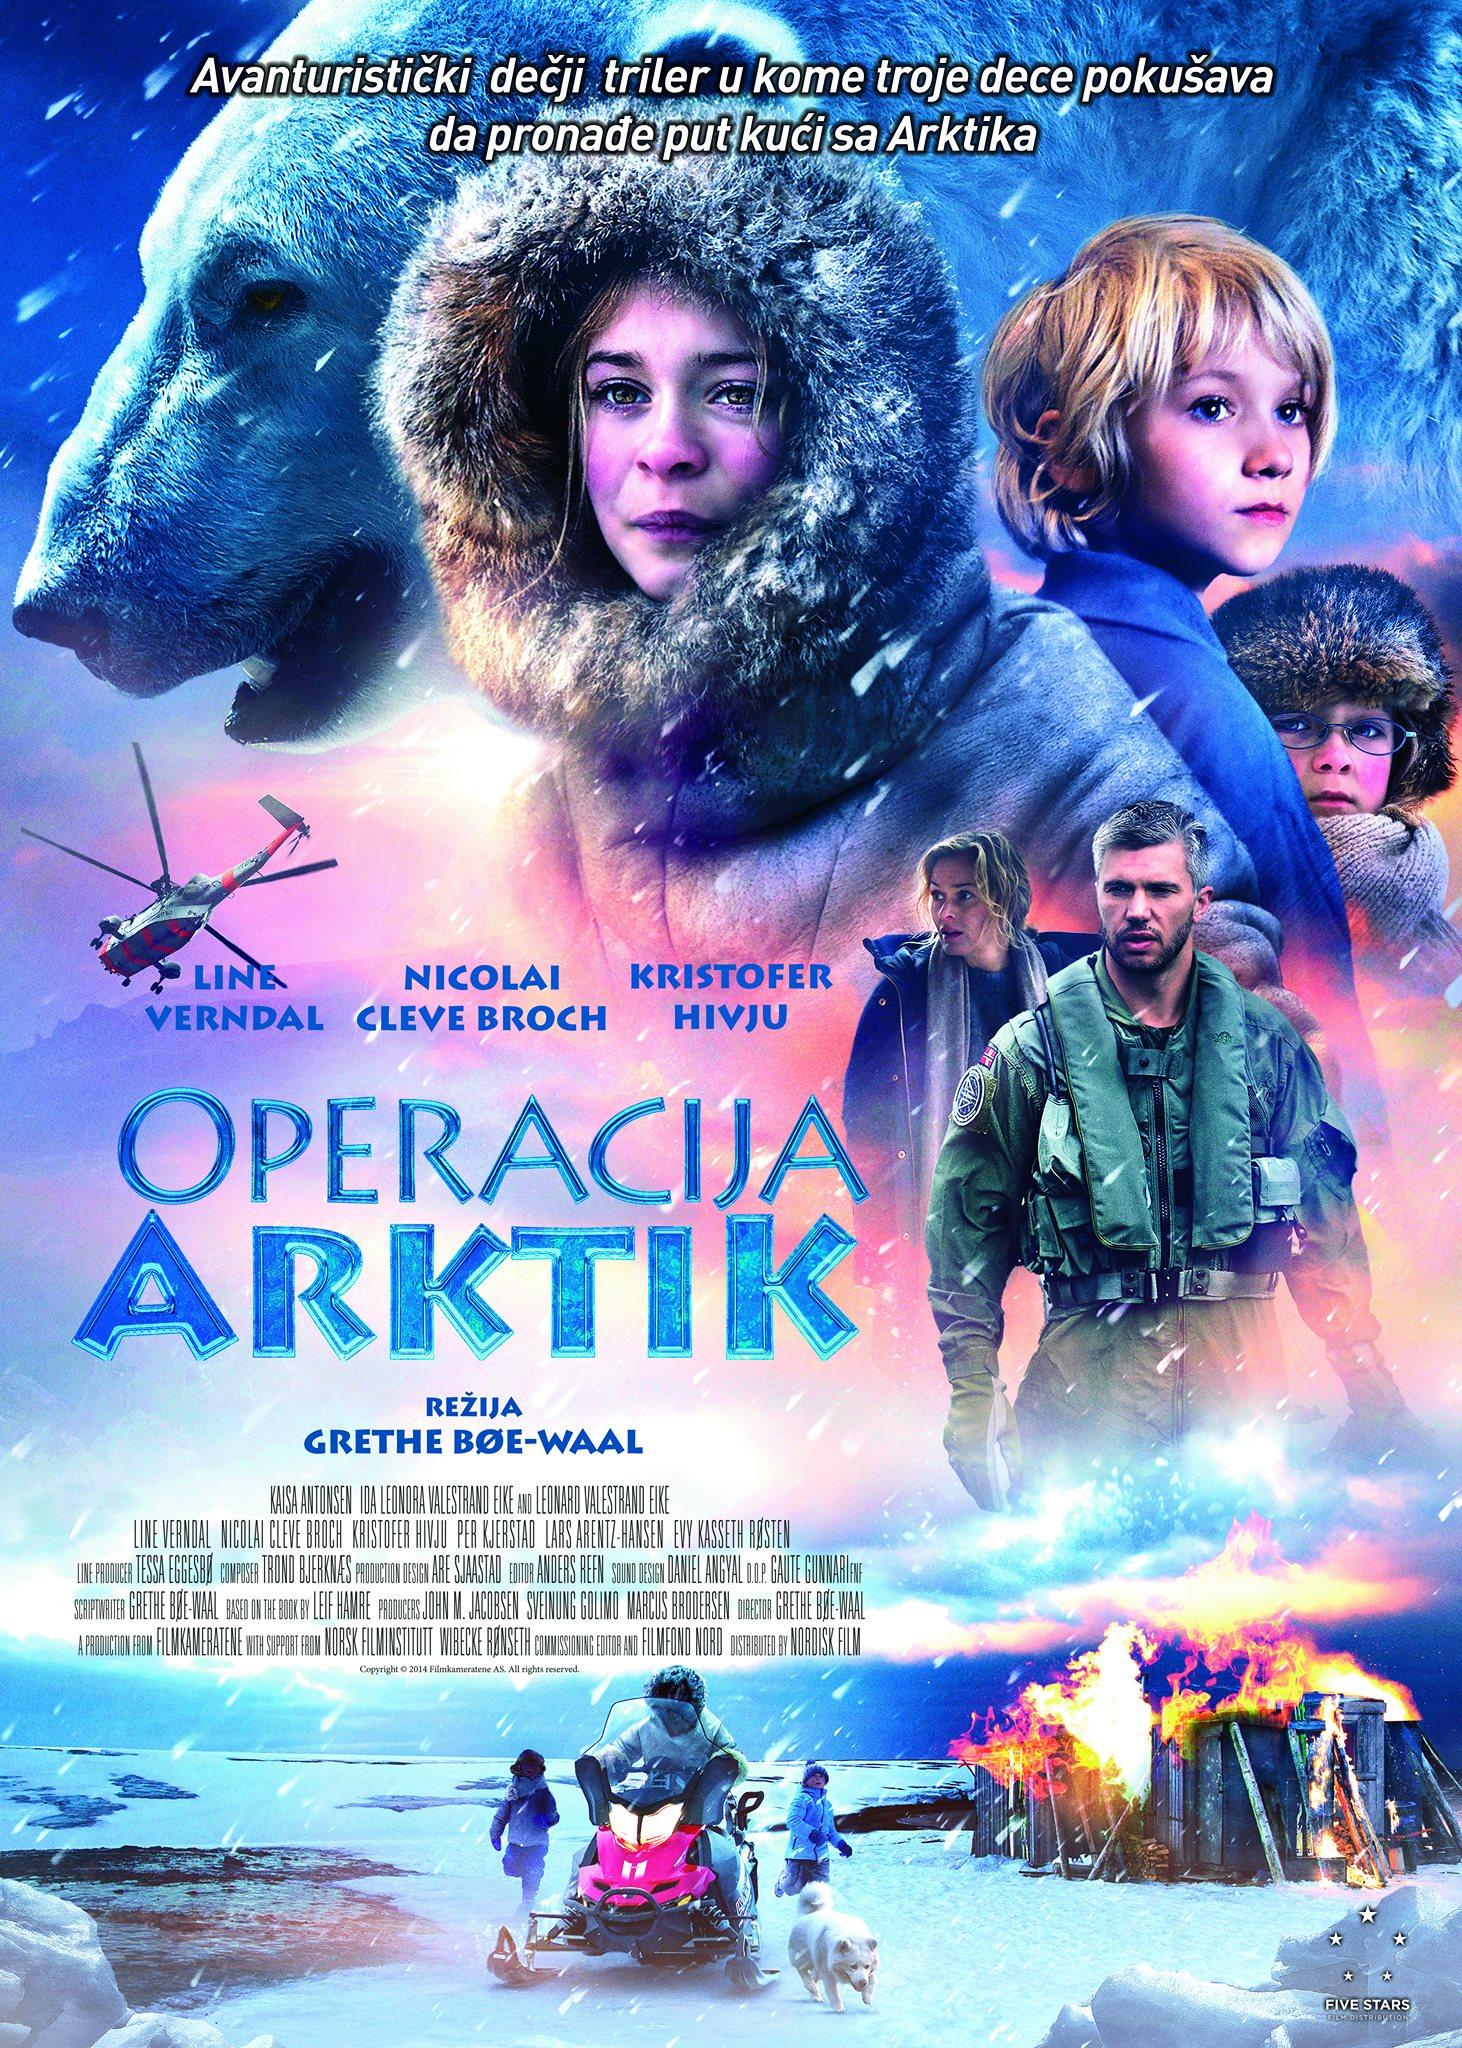 operacija arktik poster rs